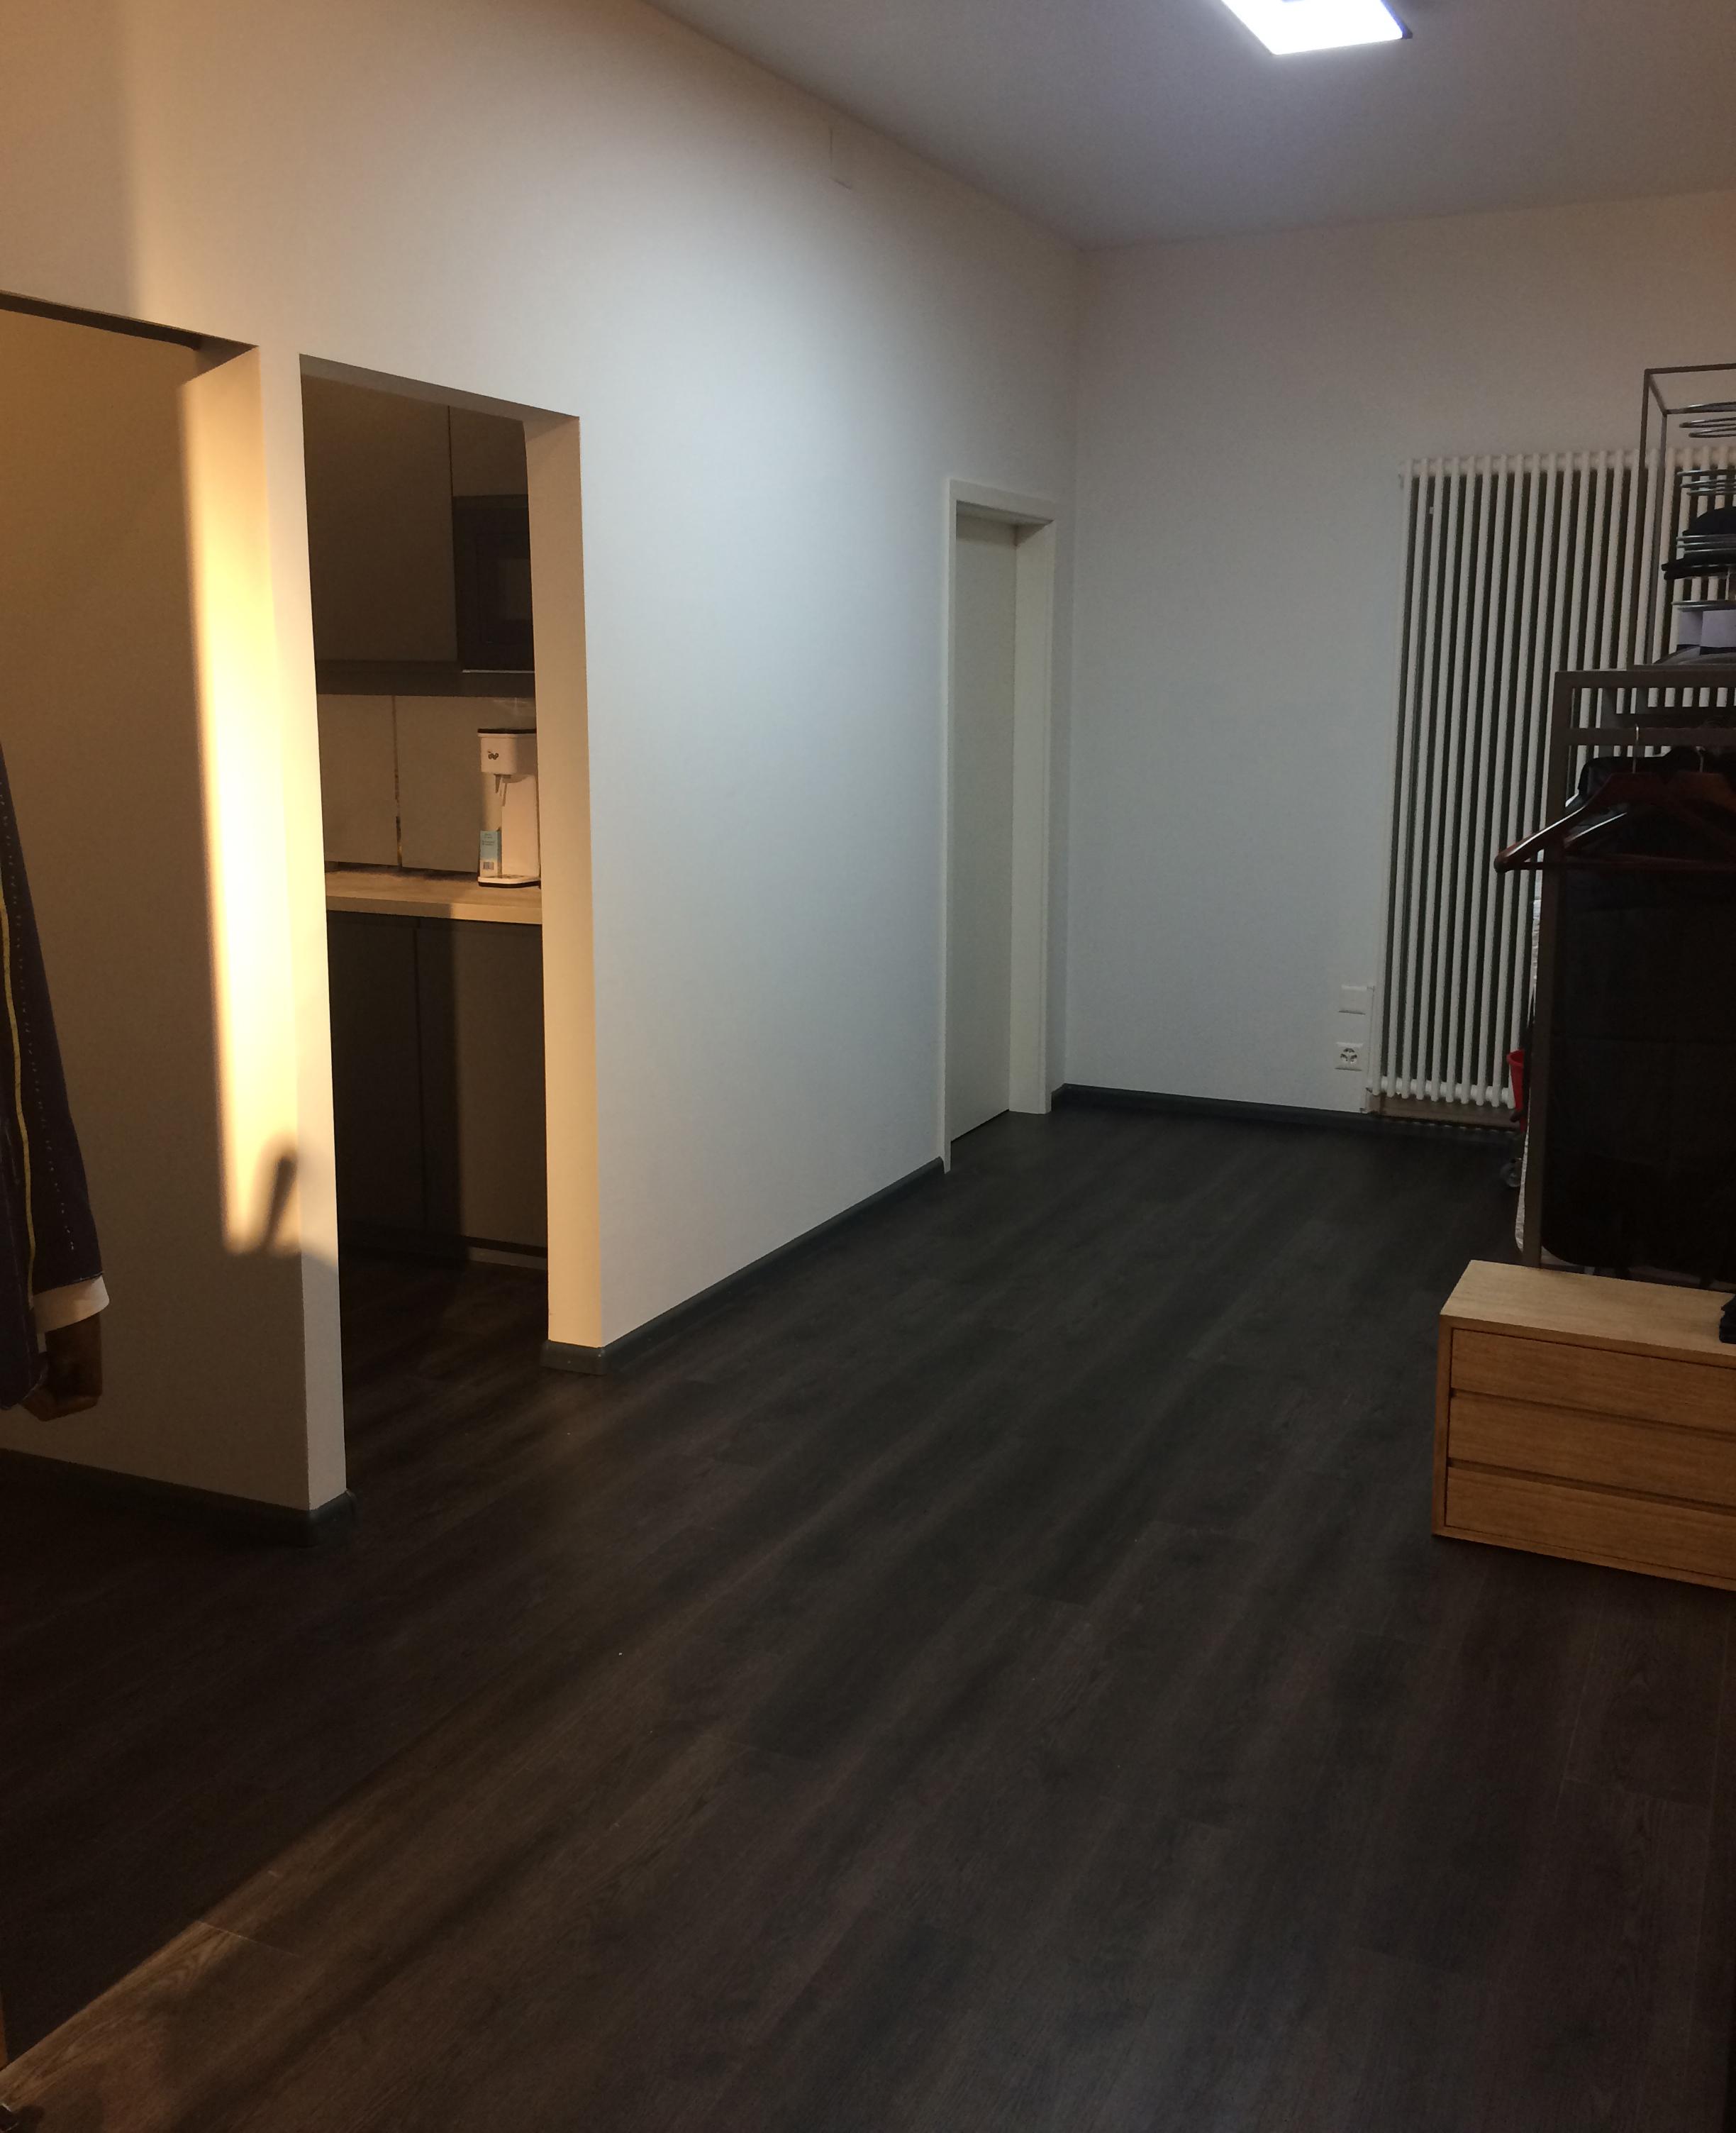 HERRENSTOLZ_Blick_Officebereich